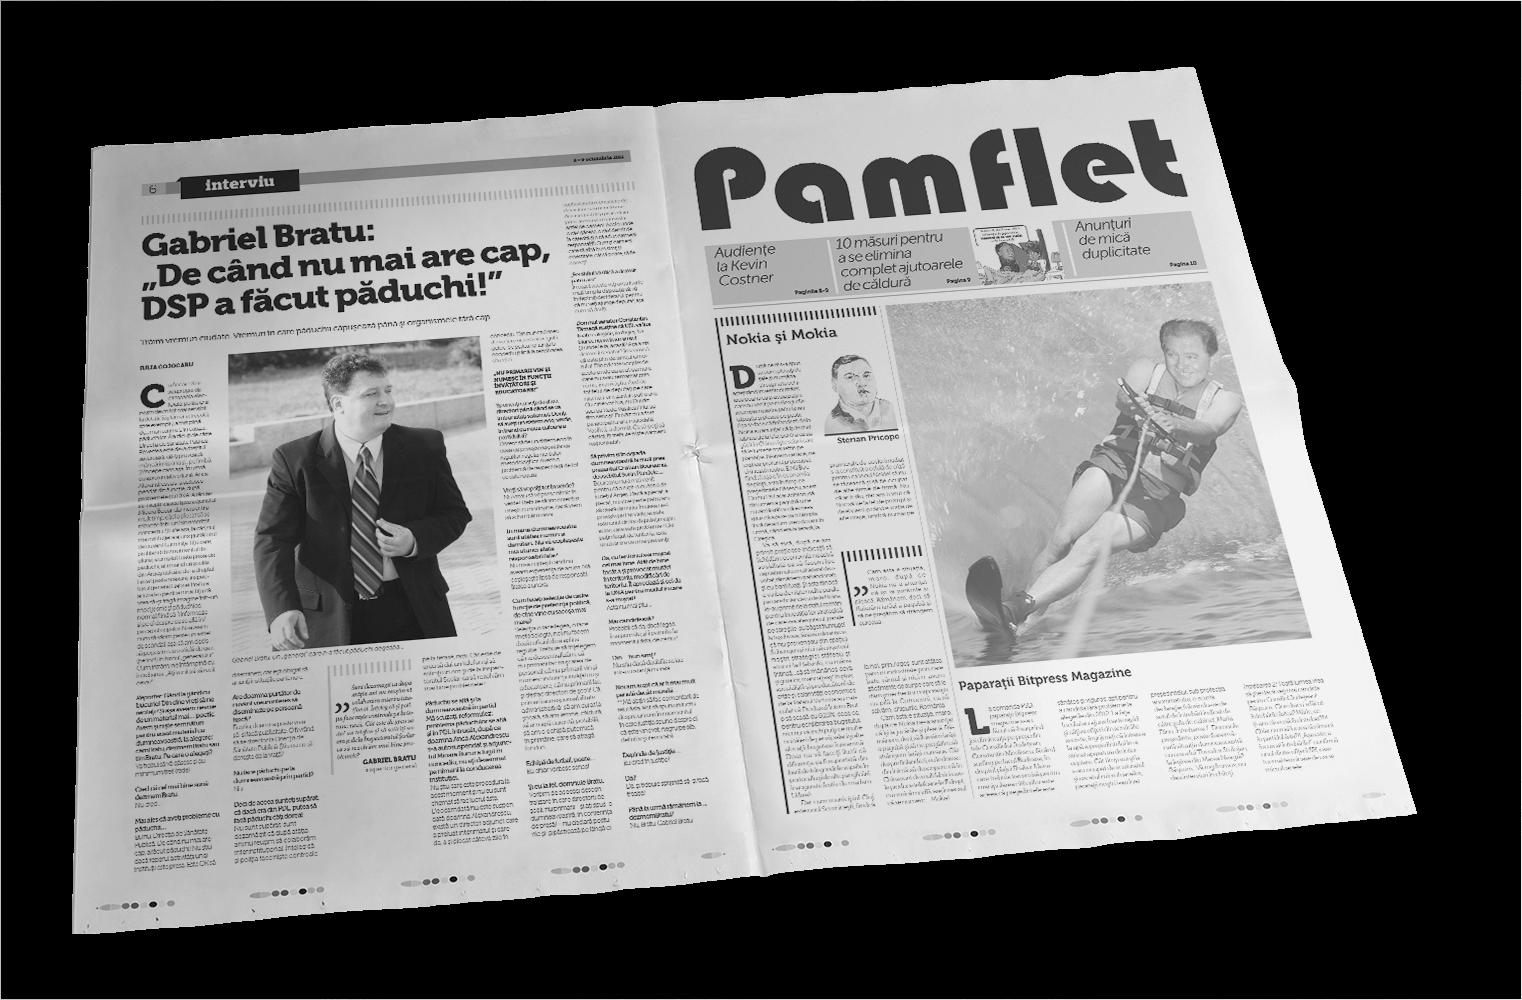 bitpress-magazine-newspaper_spread-2